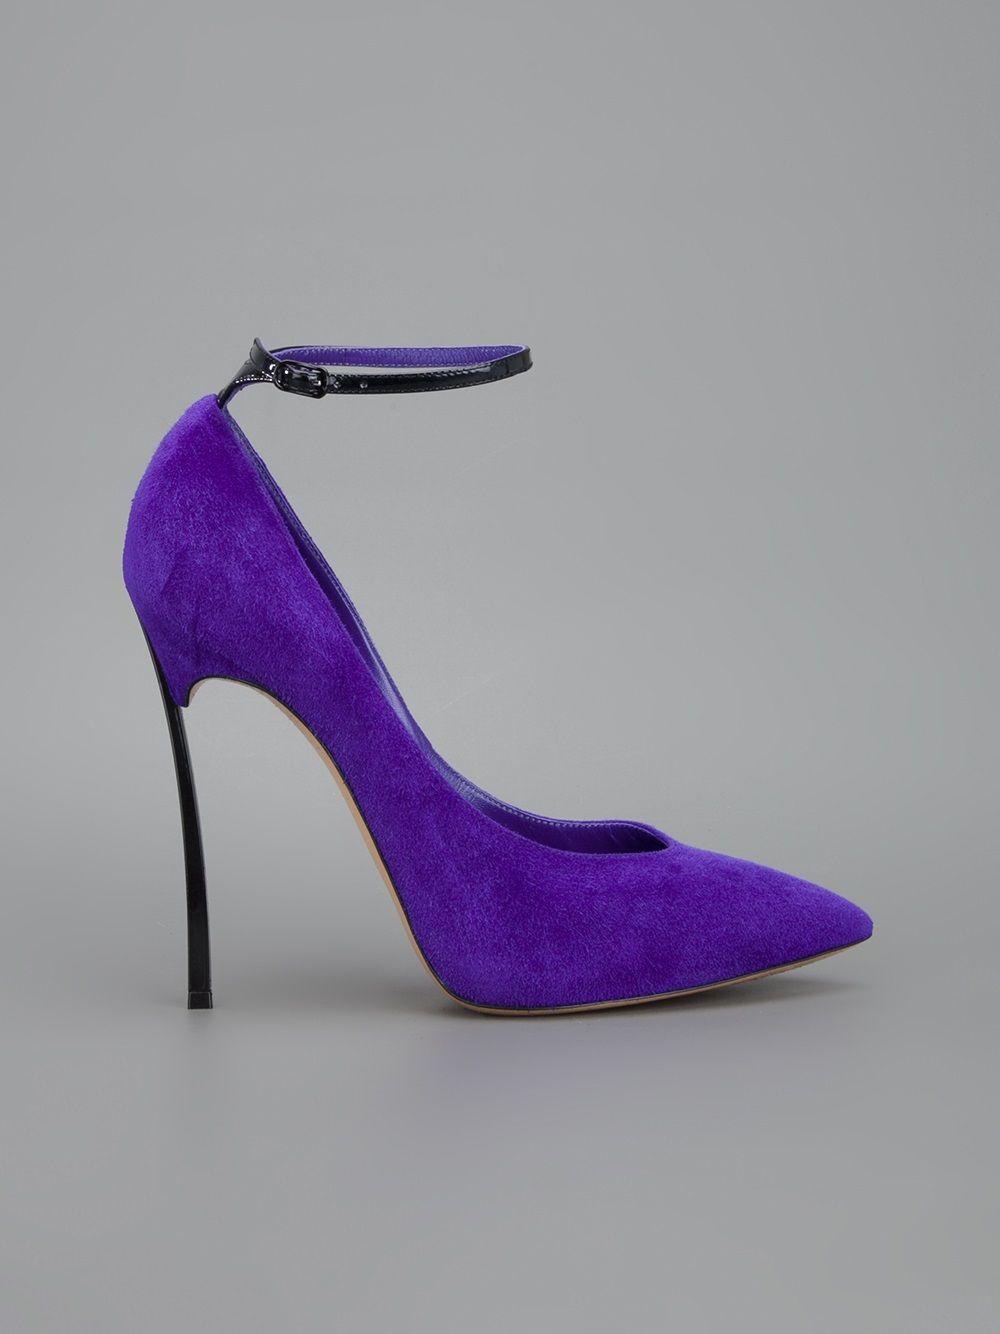 055325117 CASADEI - Sapato roxo. 7 | casadei | Sapatos roxos, Sapatos e ...